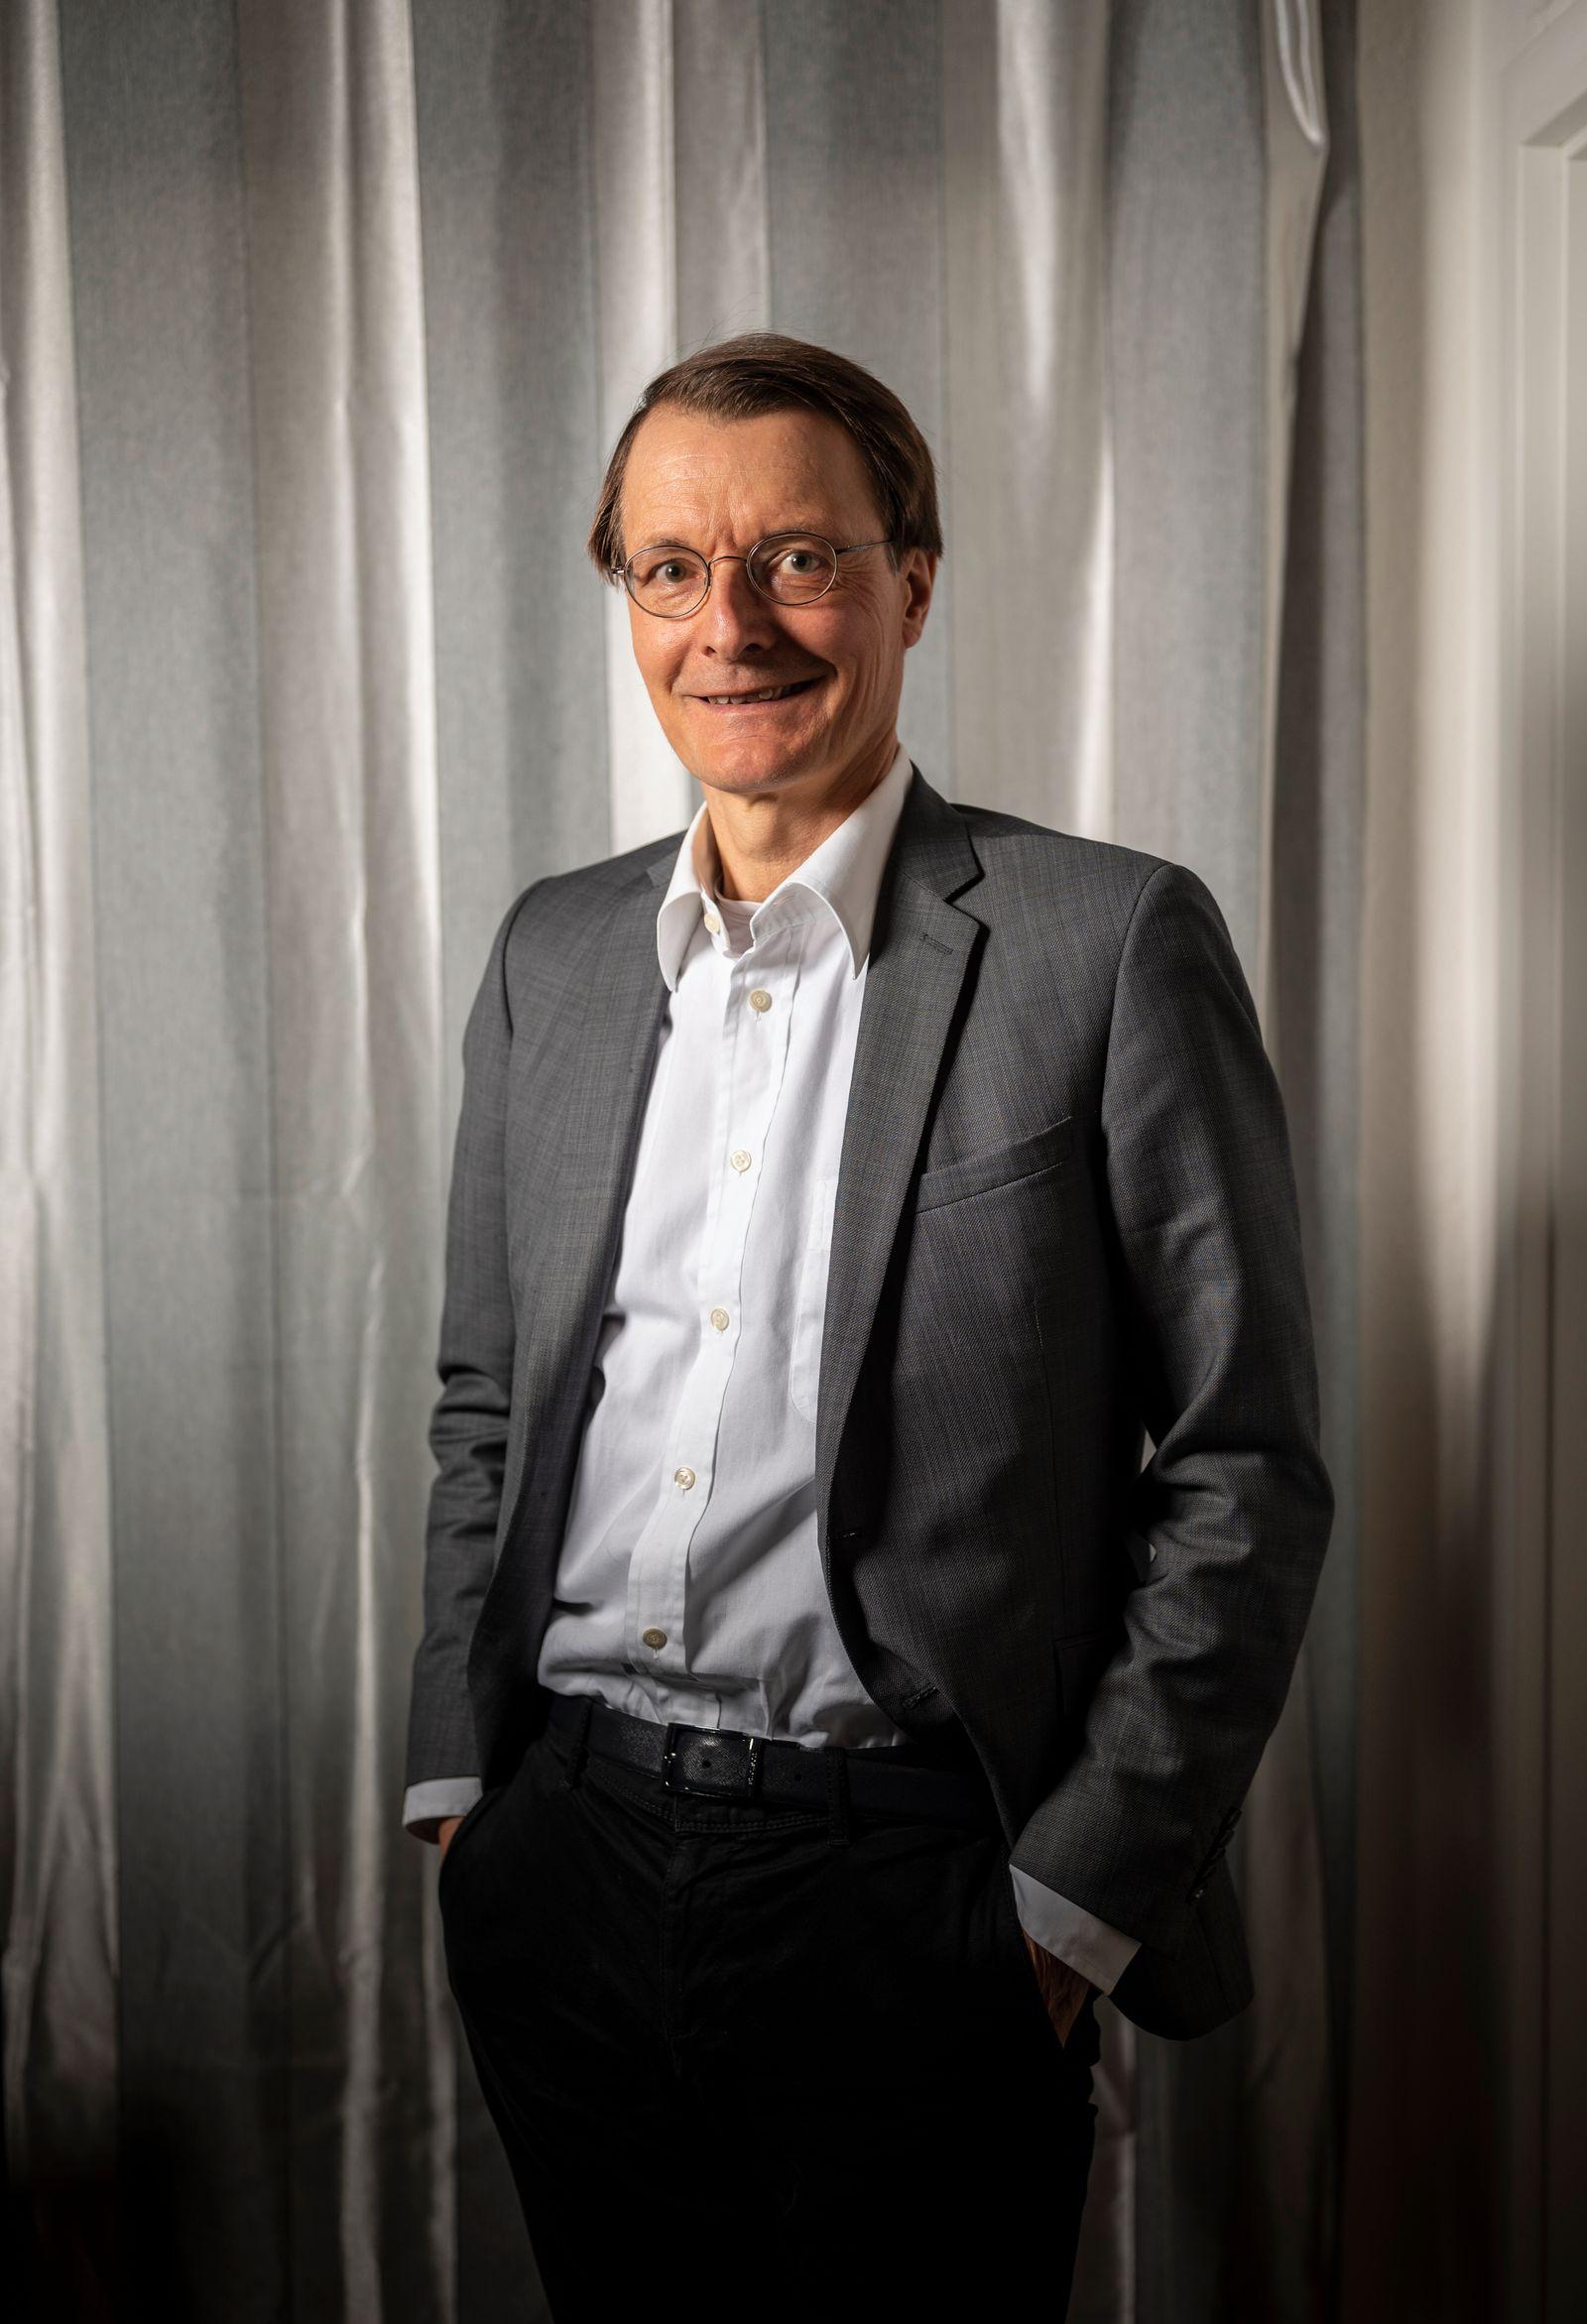 Corona Katja Suding Fdp Und Karl Lauterbach Spd Im Streitgesprach Der Spiegel